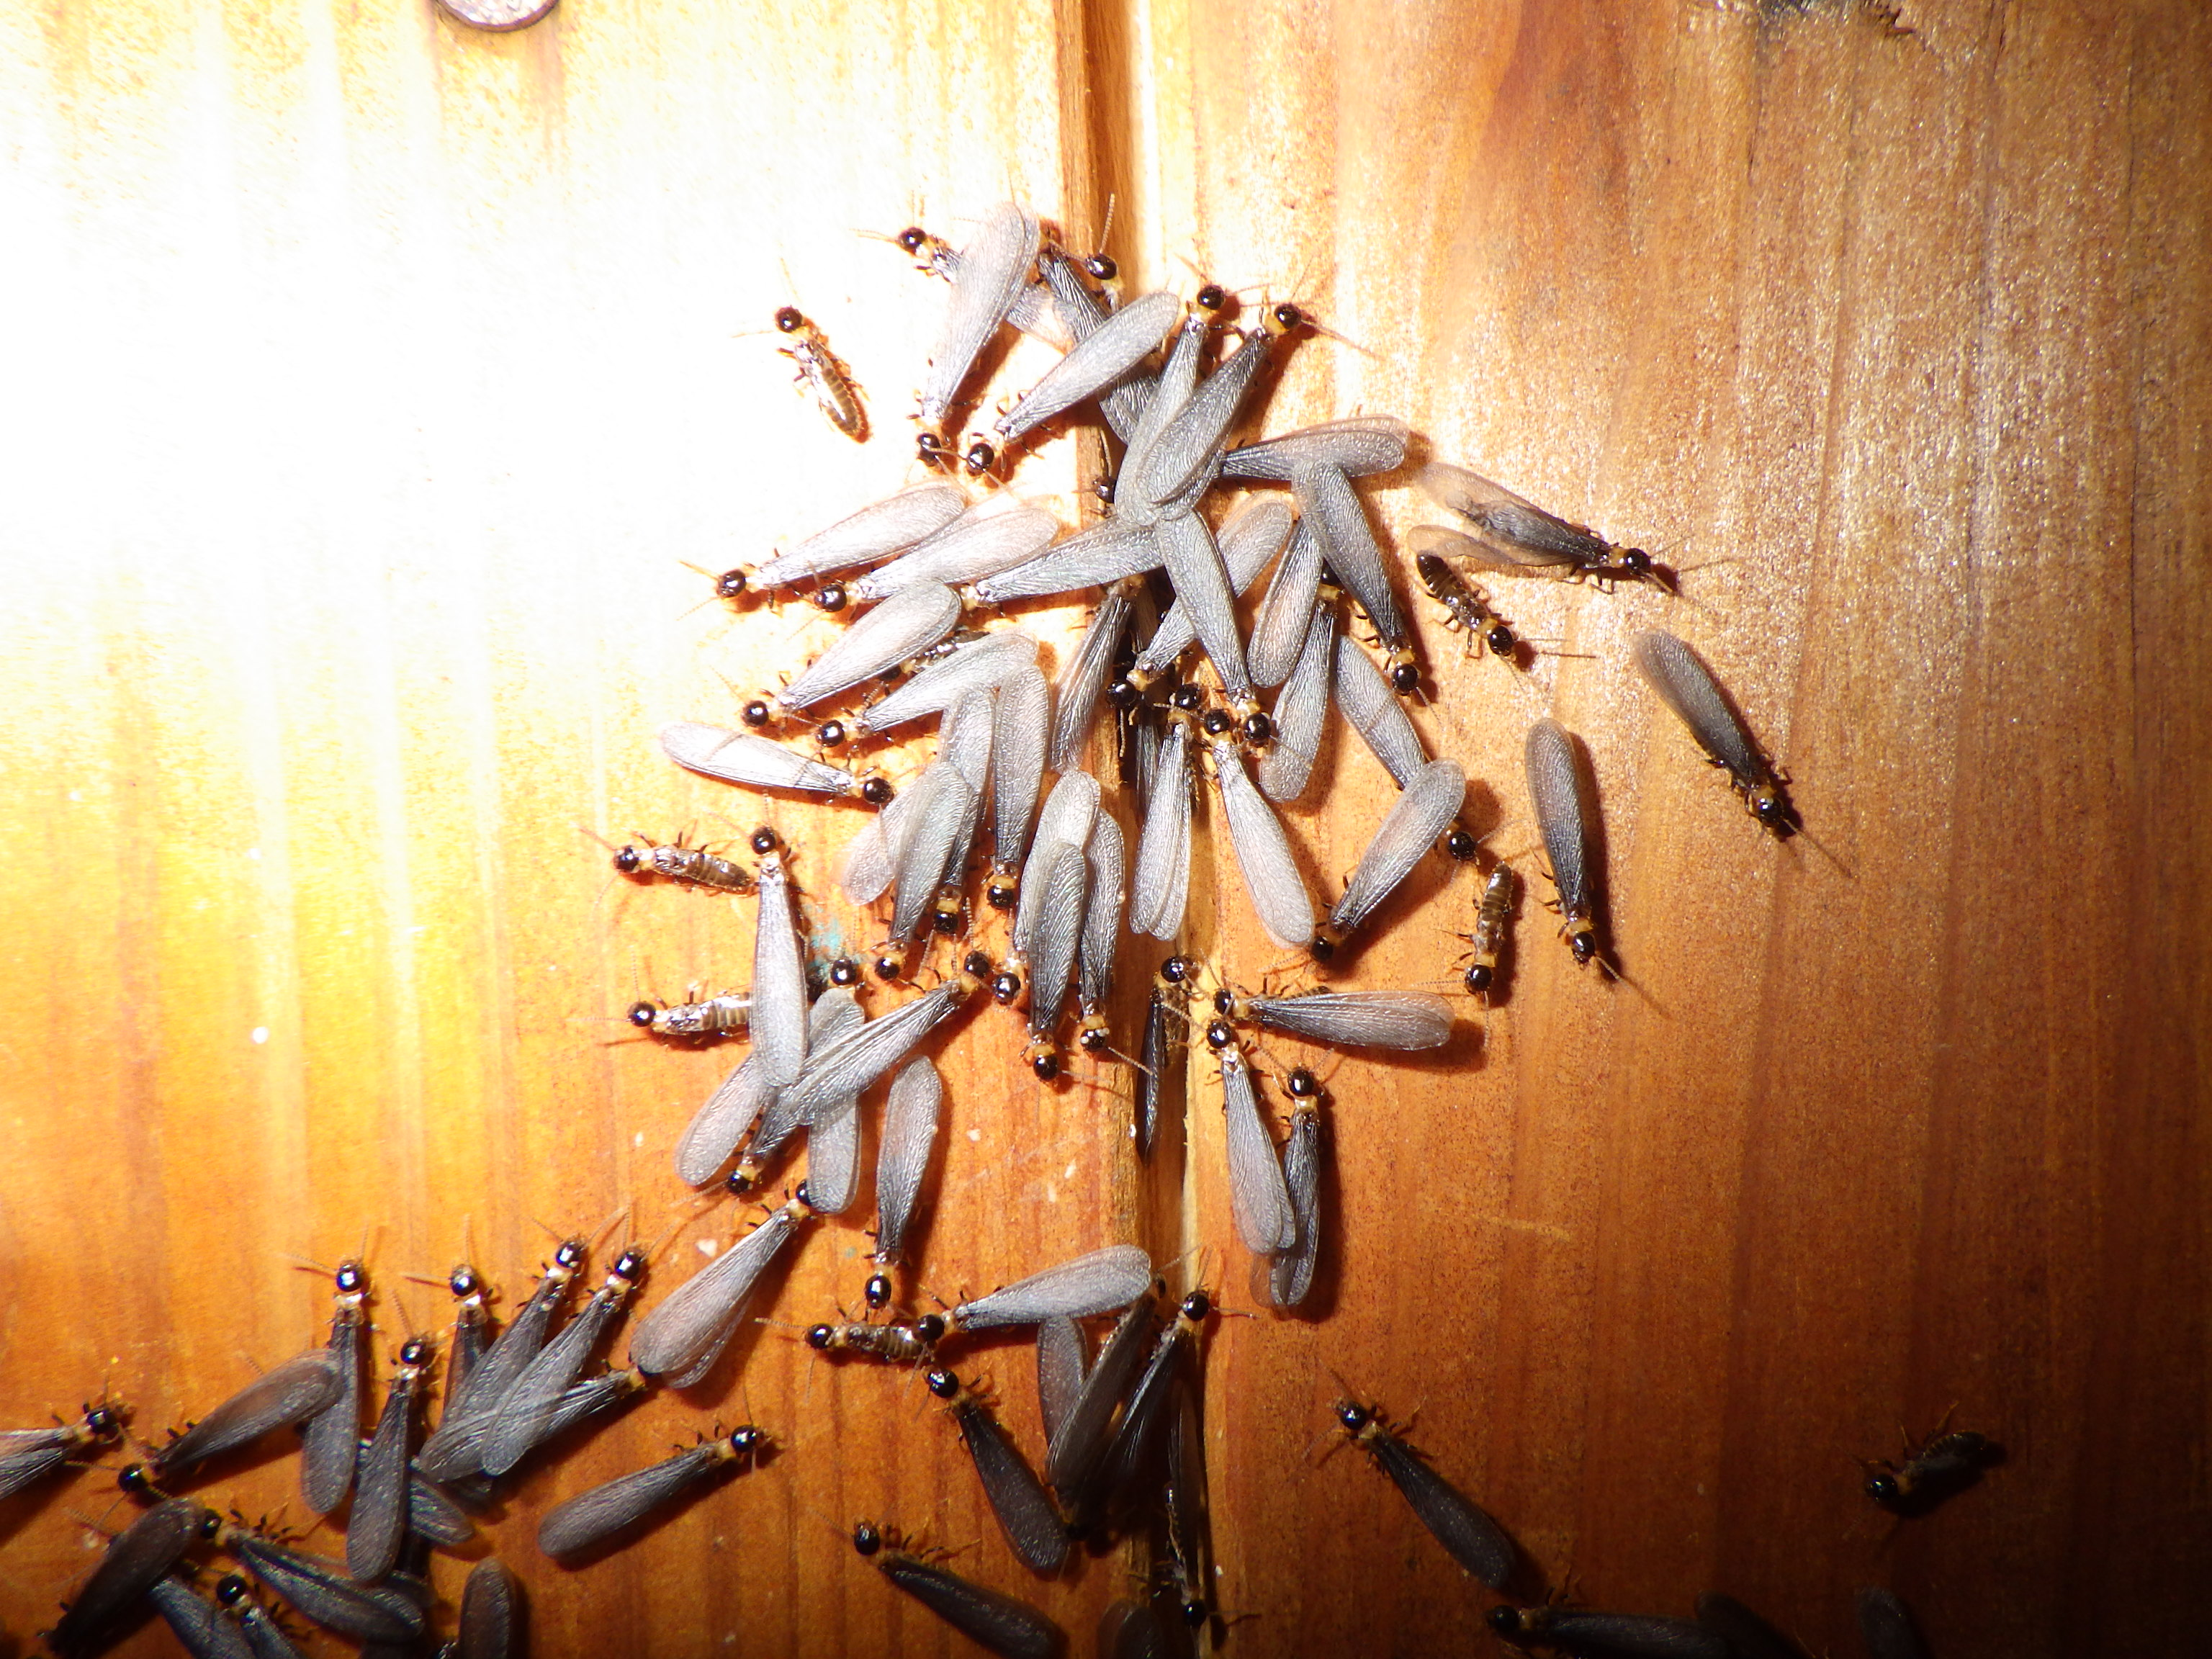 ヤマトシロアリの羽アリです!